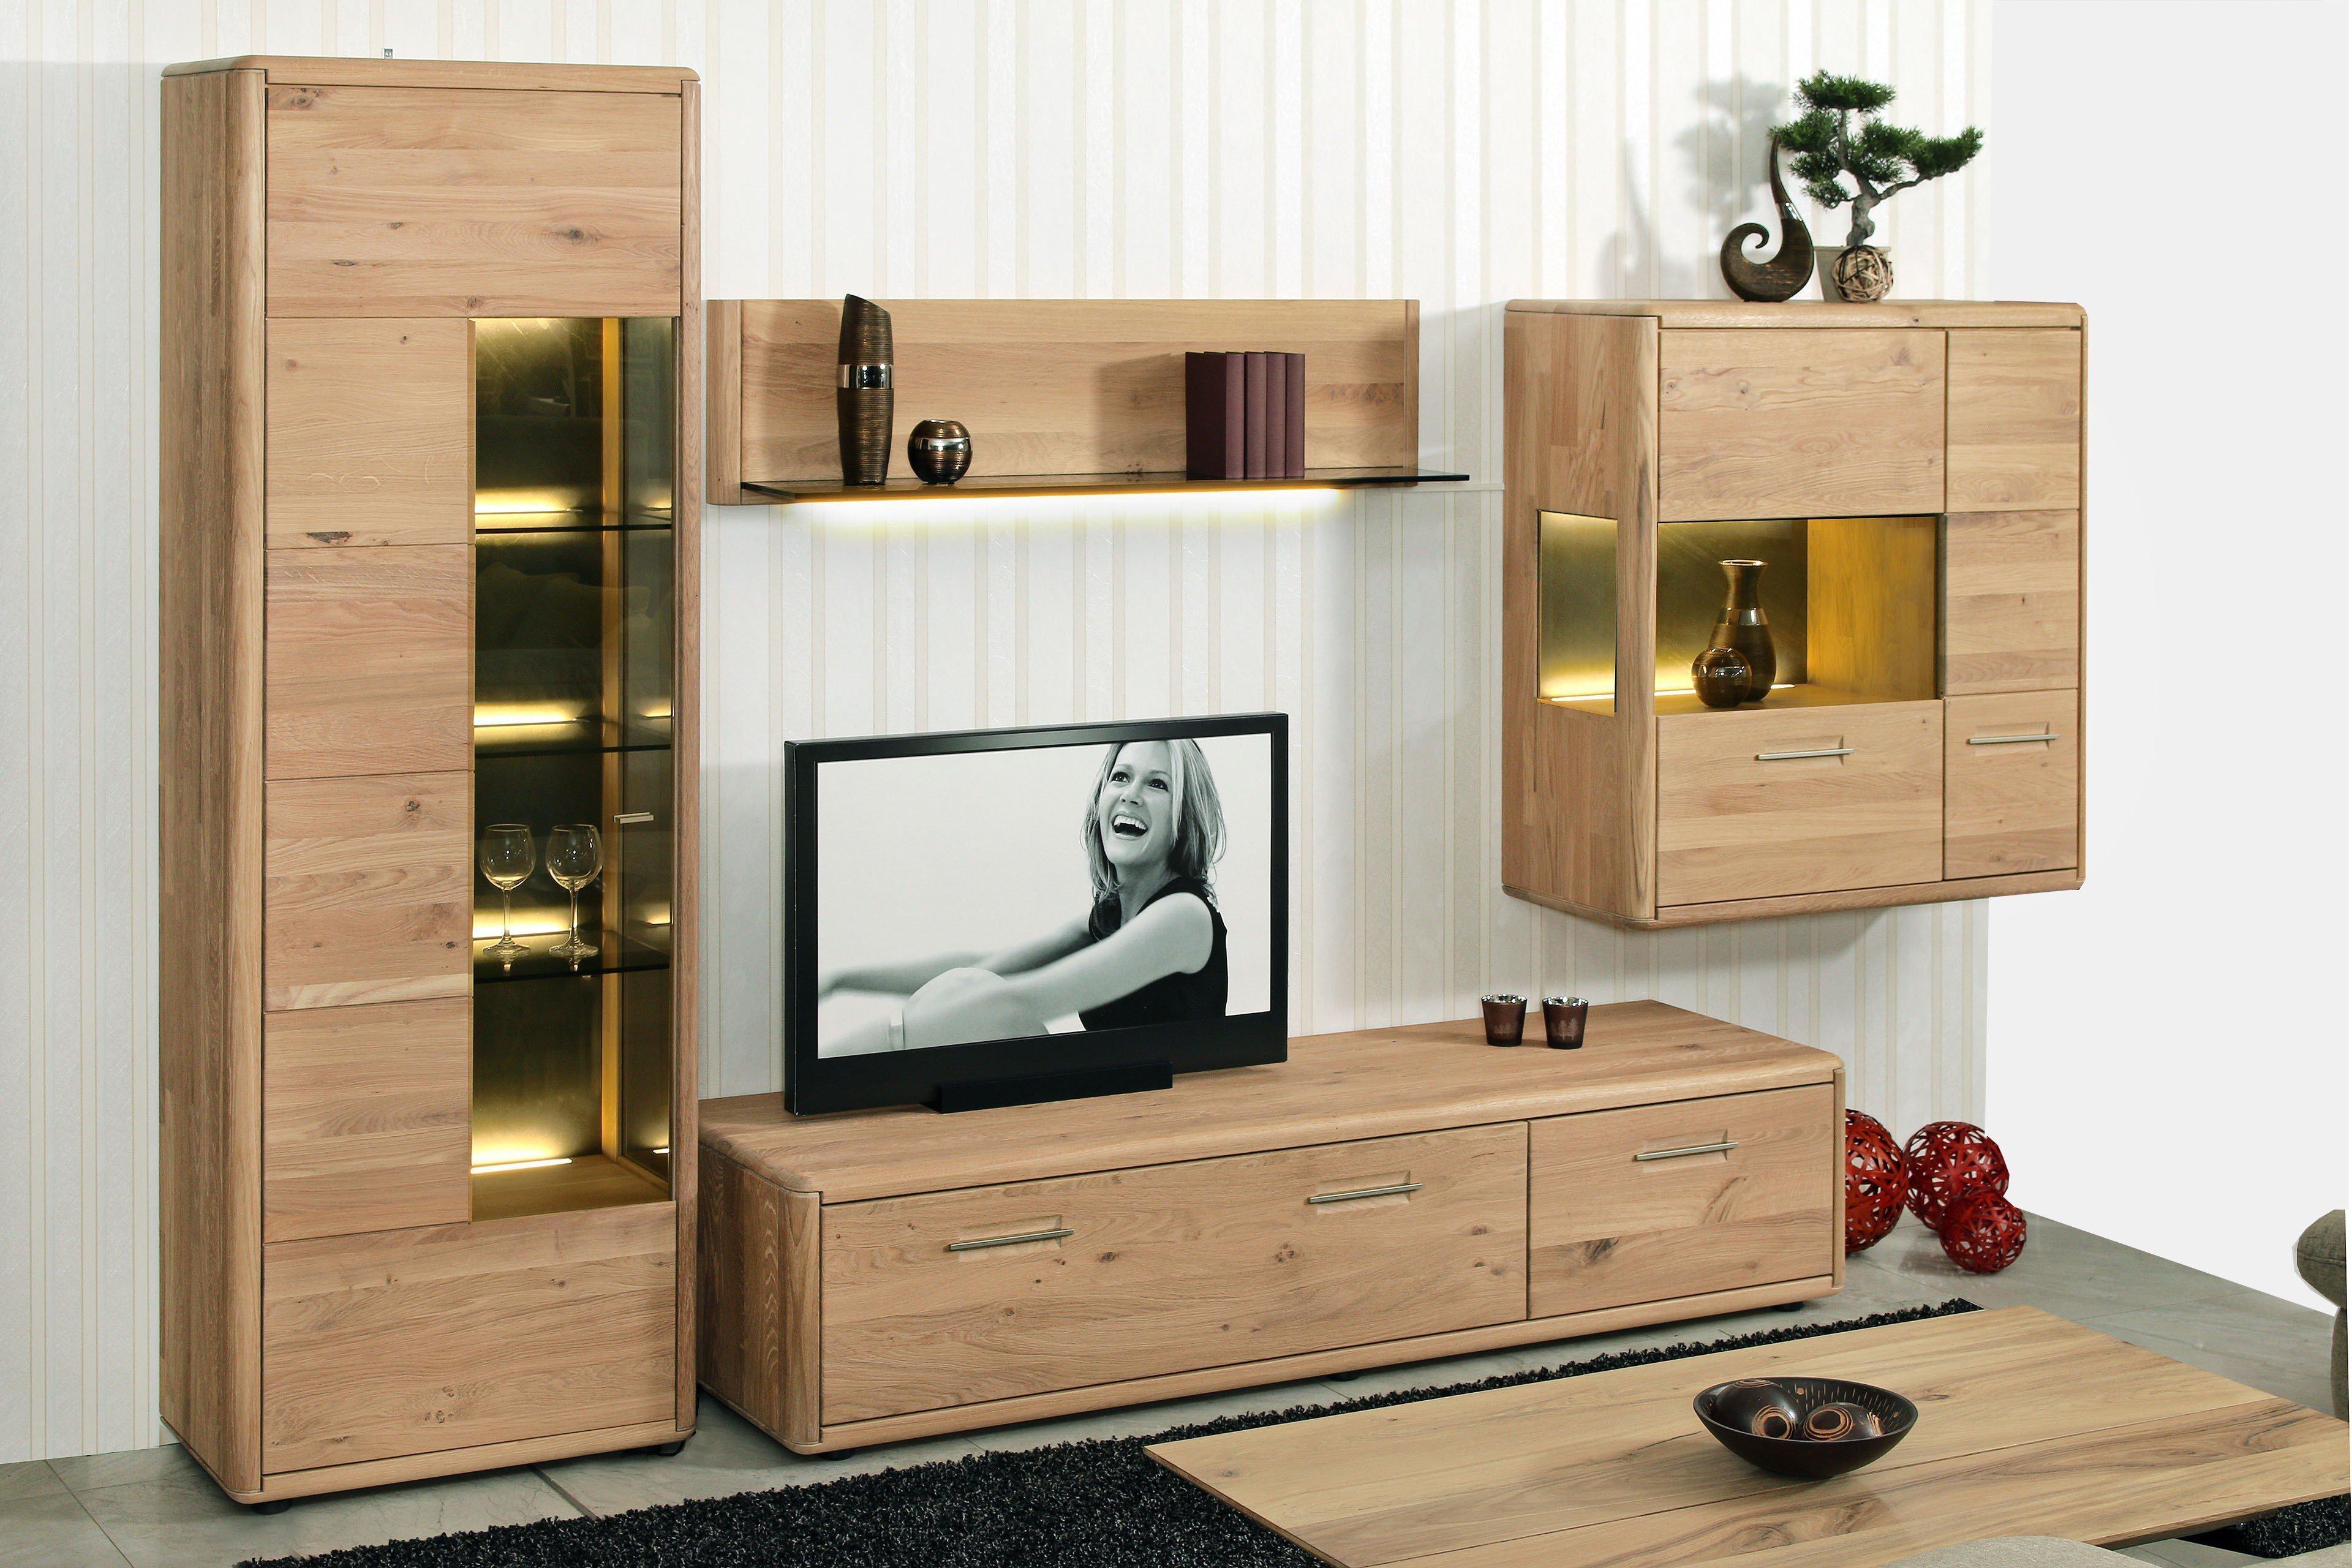 wohnwand mit schreibtisch beste ideen f r zuhause design. Black Bedroom Furniture Sets. Home Design Ideas